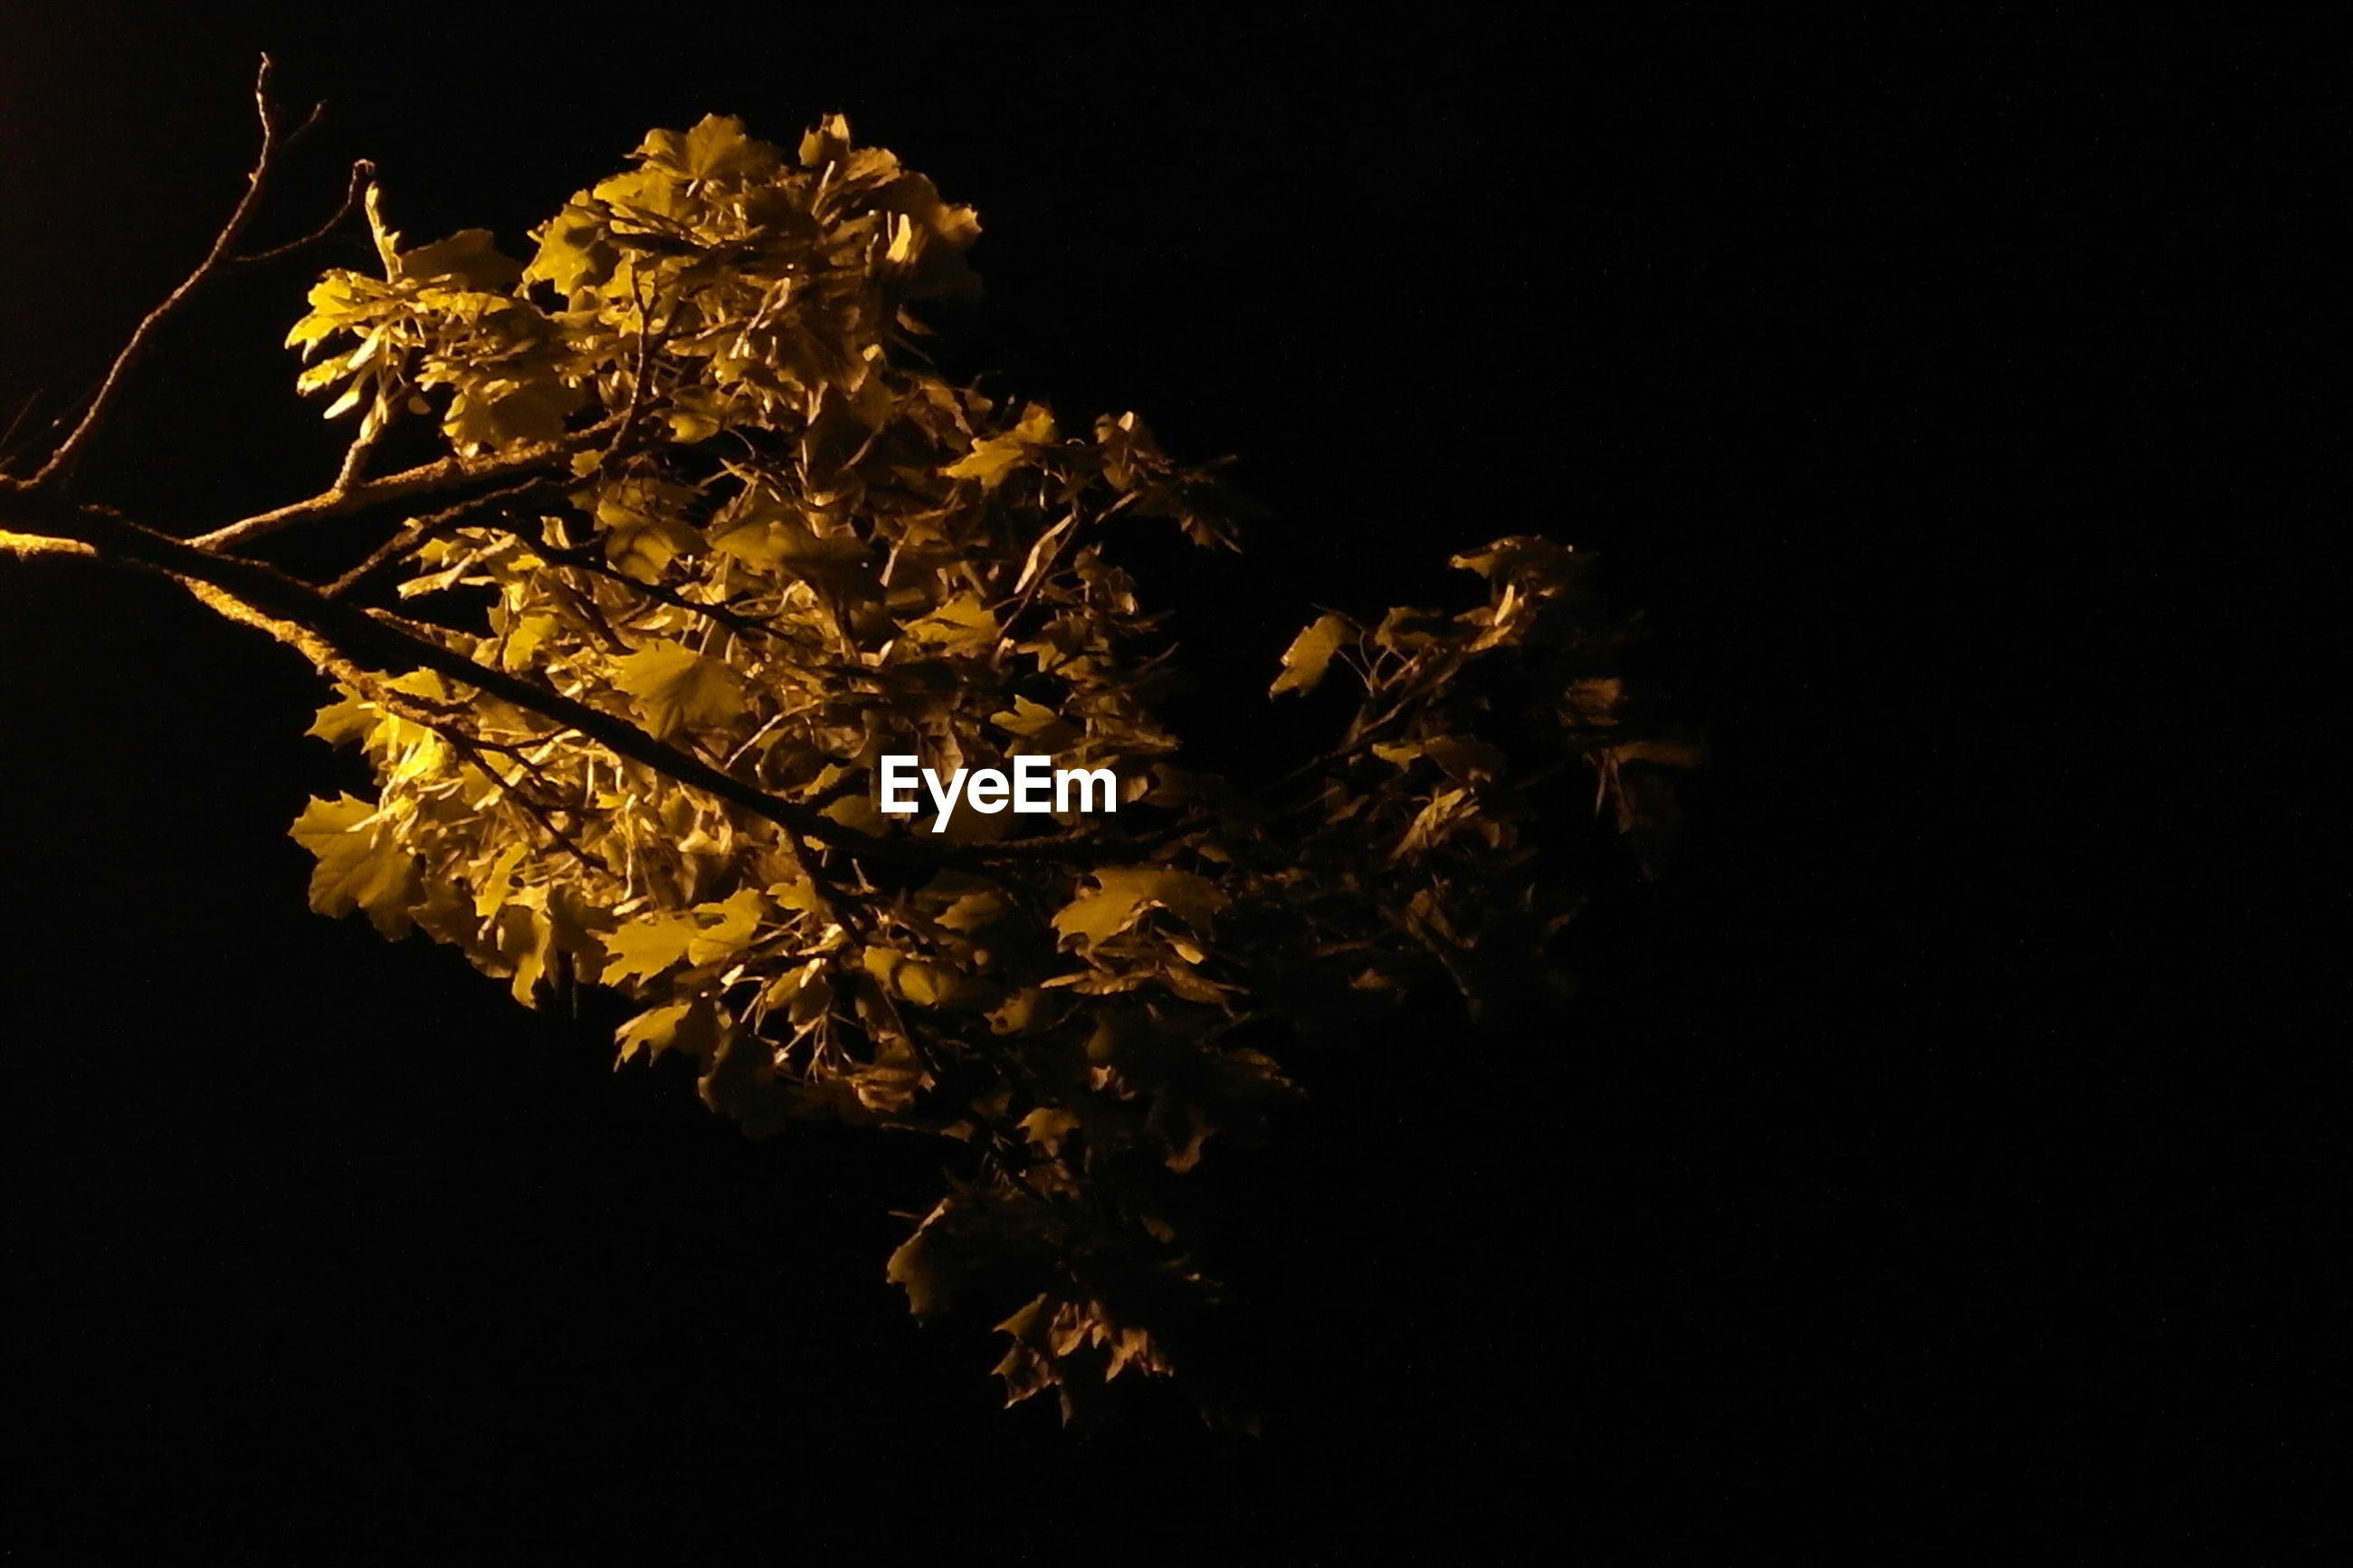 VIEW OF TREES AGAINST DARK SKY